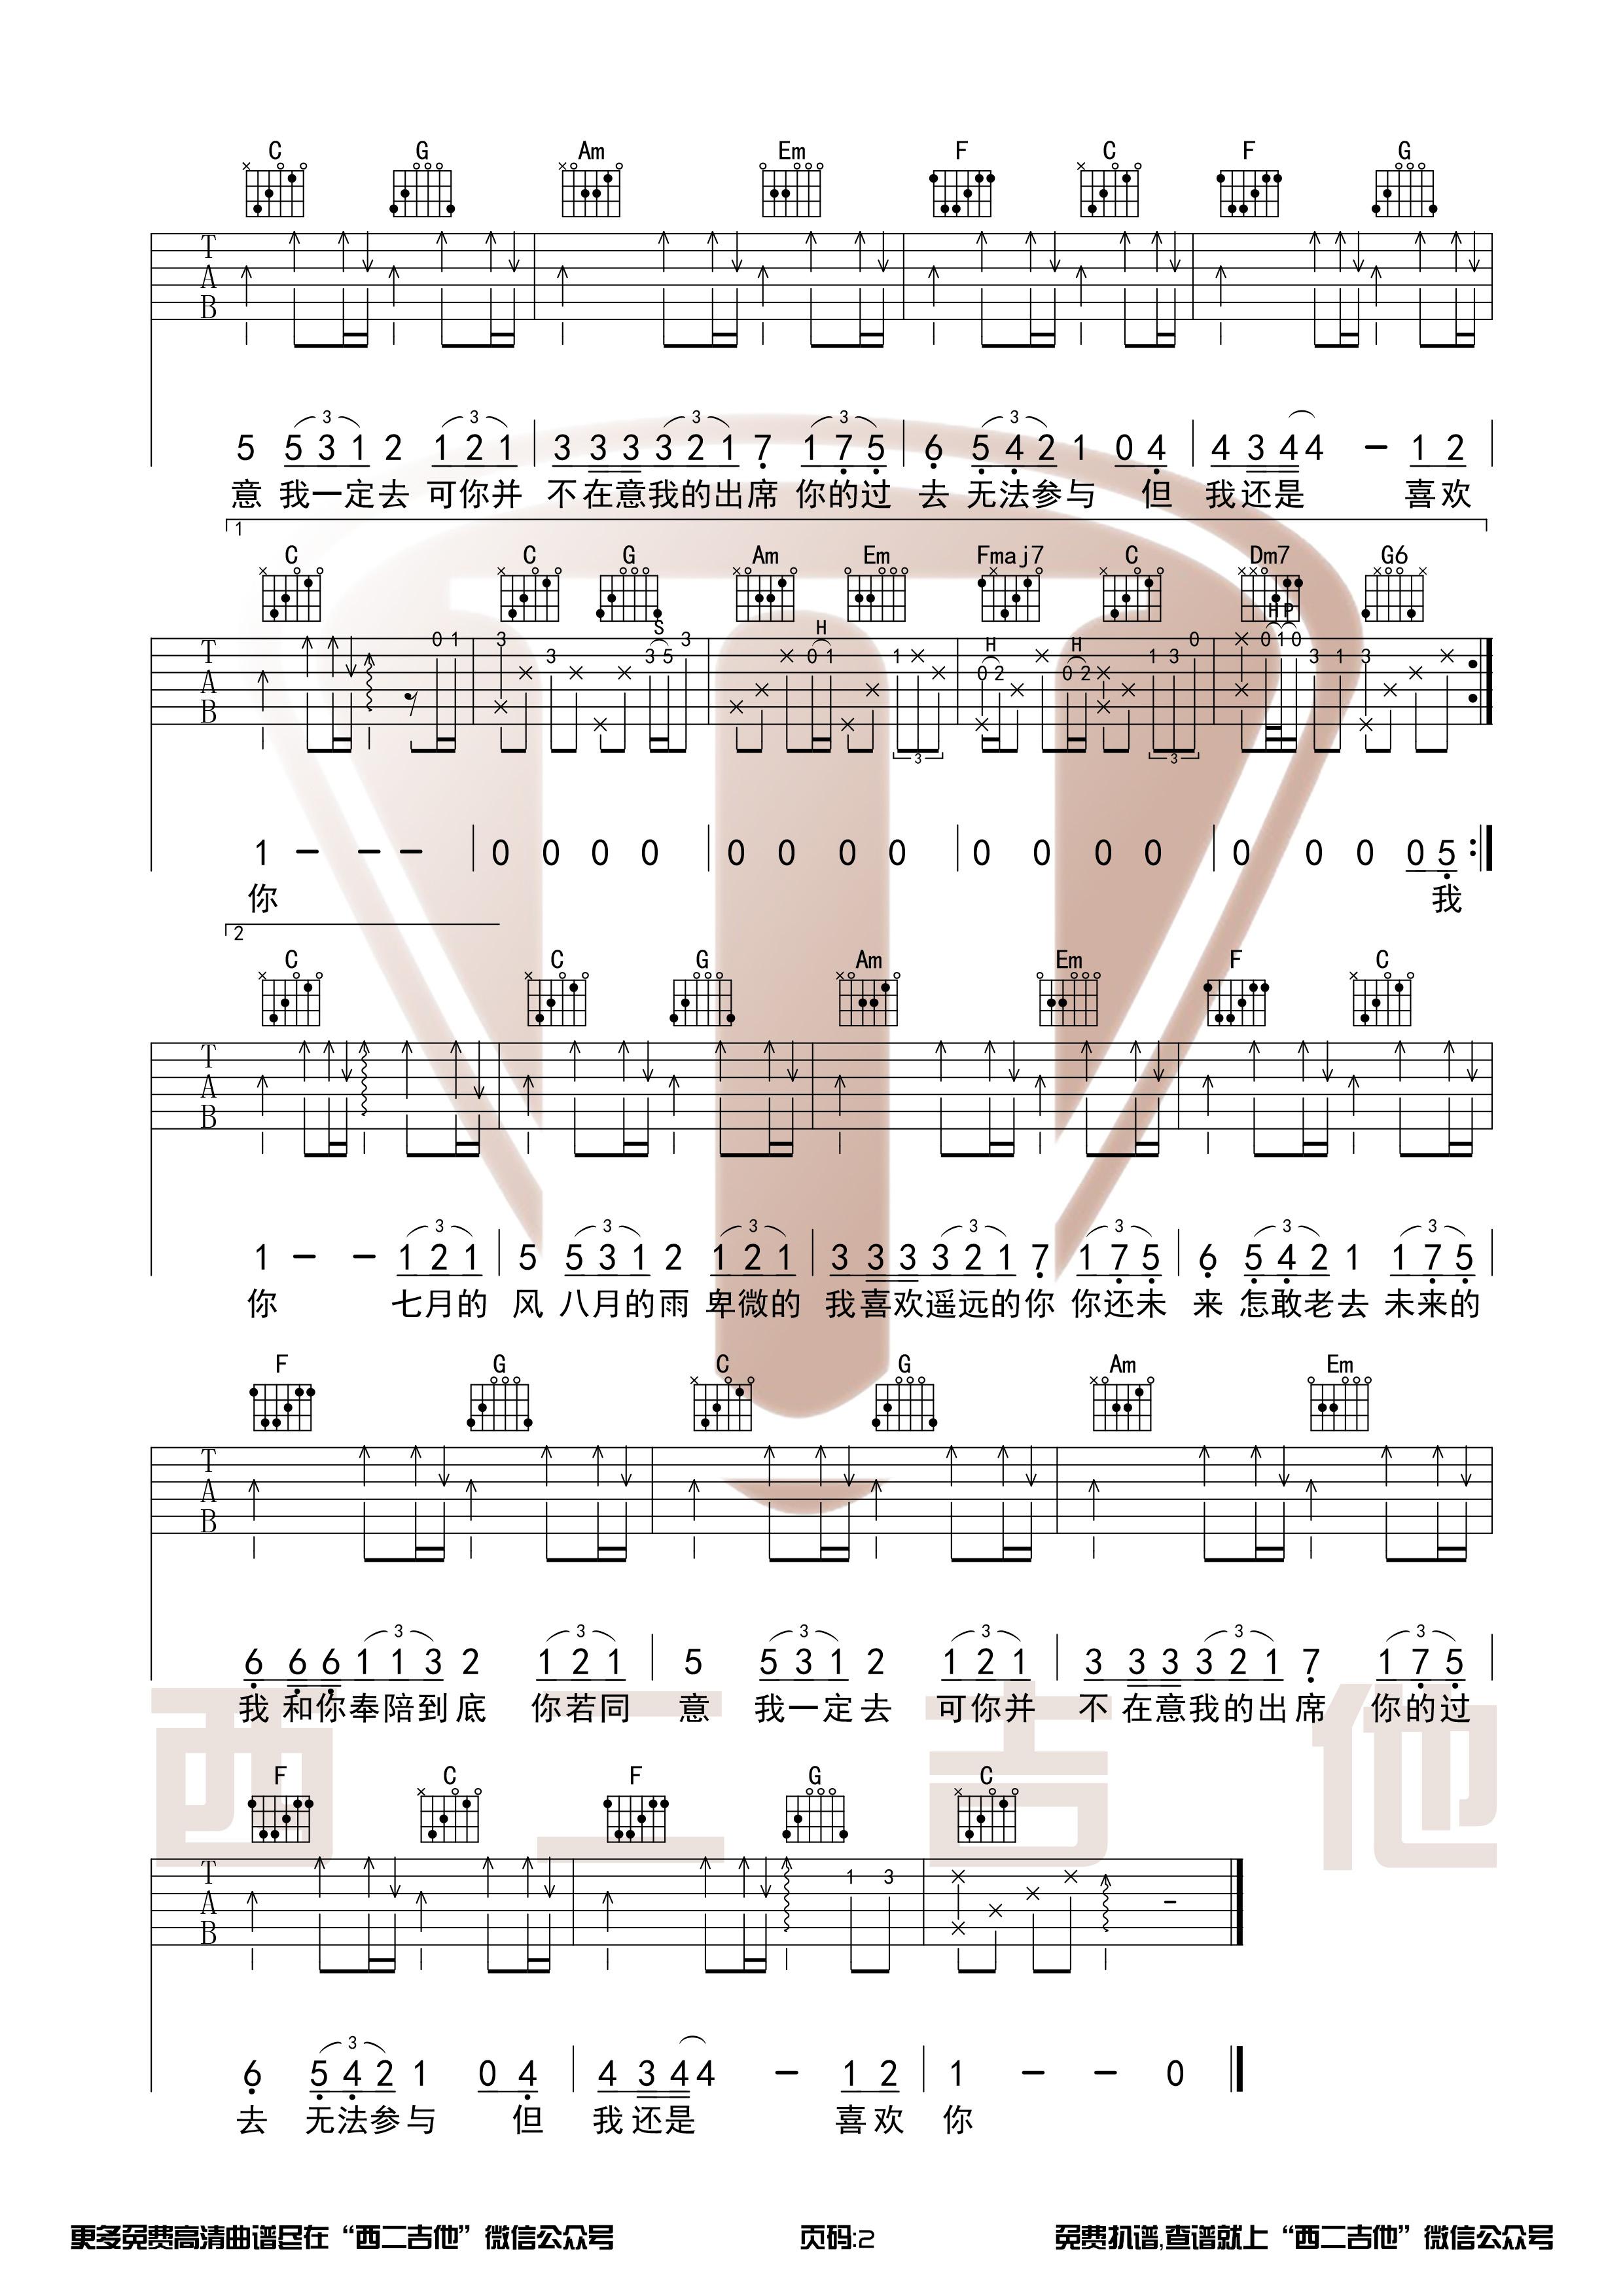 遥远的你(原版前奏间奏完整版)吉他谱(图片谱,弹唱,C调,西二吉他)_群星(Various Artists)_遥远的你简单版2.jpg